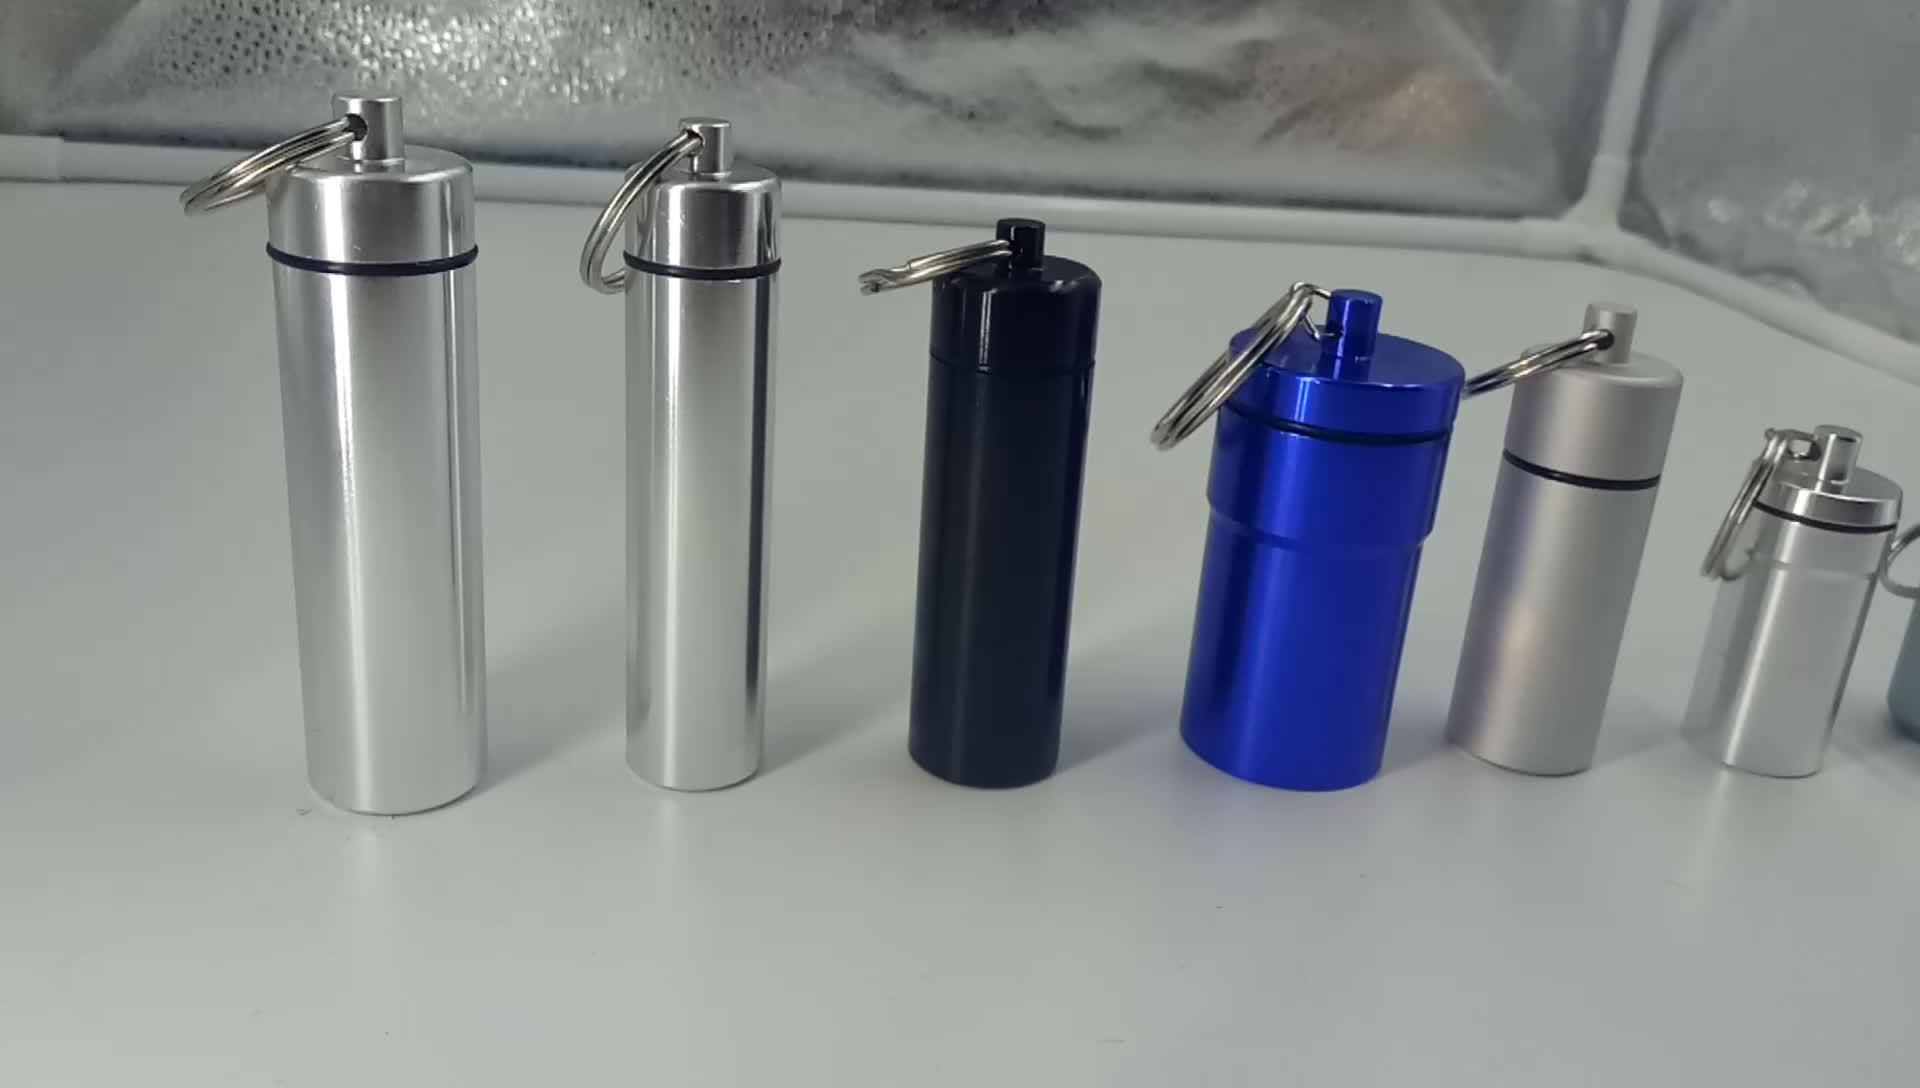 Groothandel aluminium waterfles met pillendoos sleutelhanger organizer reizen metalen pocket pil opbergdoos 7 day pill box